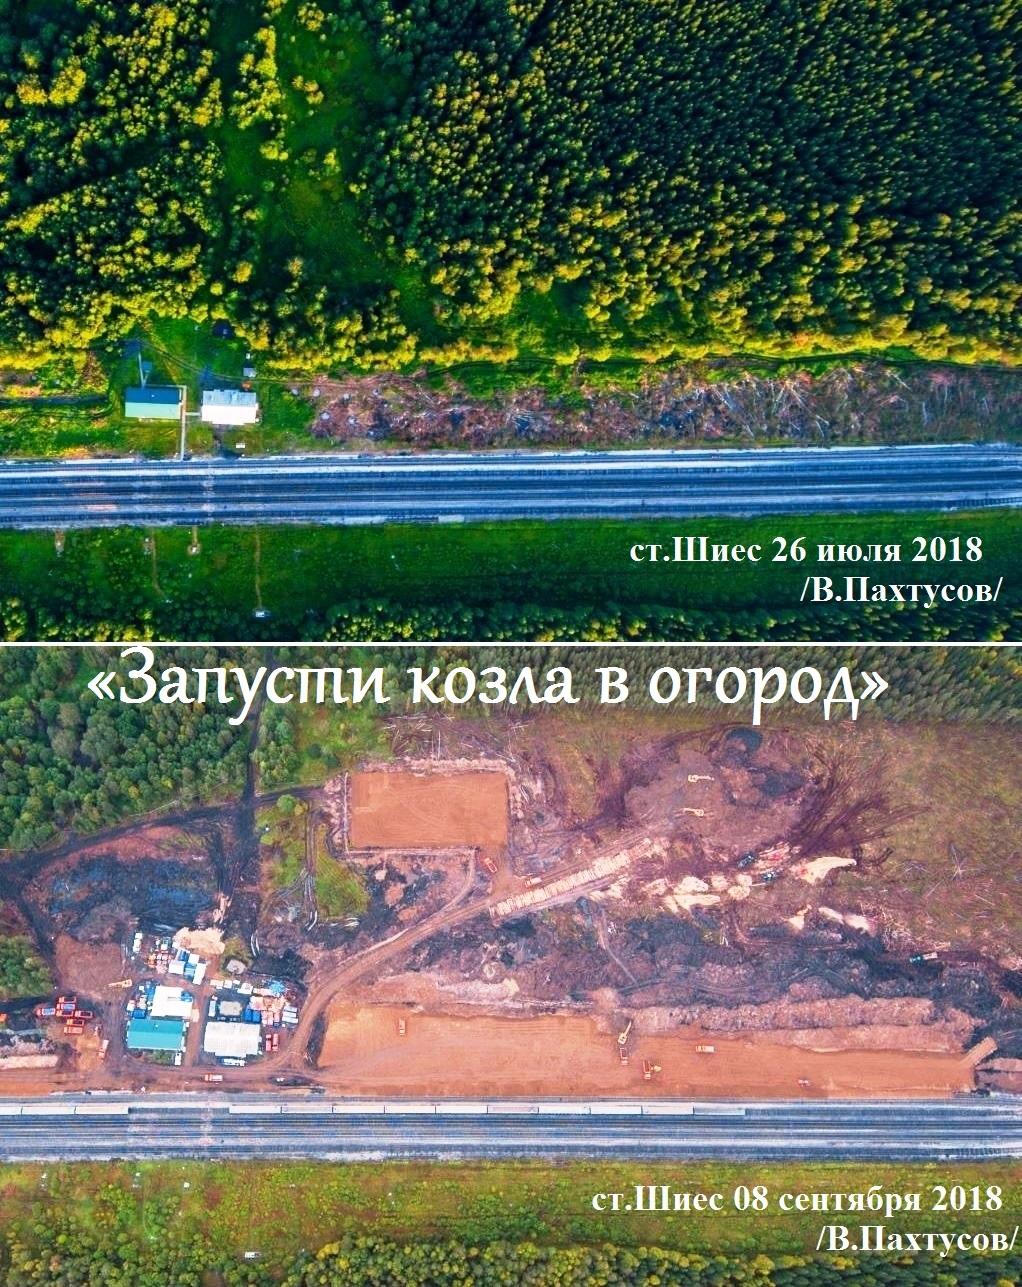 """2018, Строительство полигона отходов на ст.Шиес за 43 дня: """"Запусти козла в огород"""""""